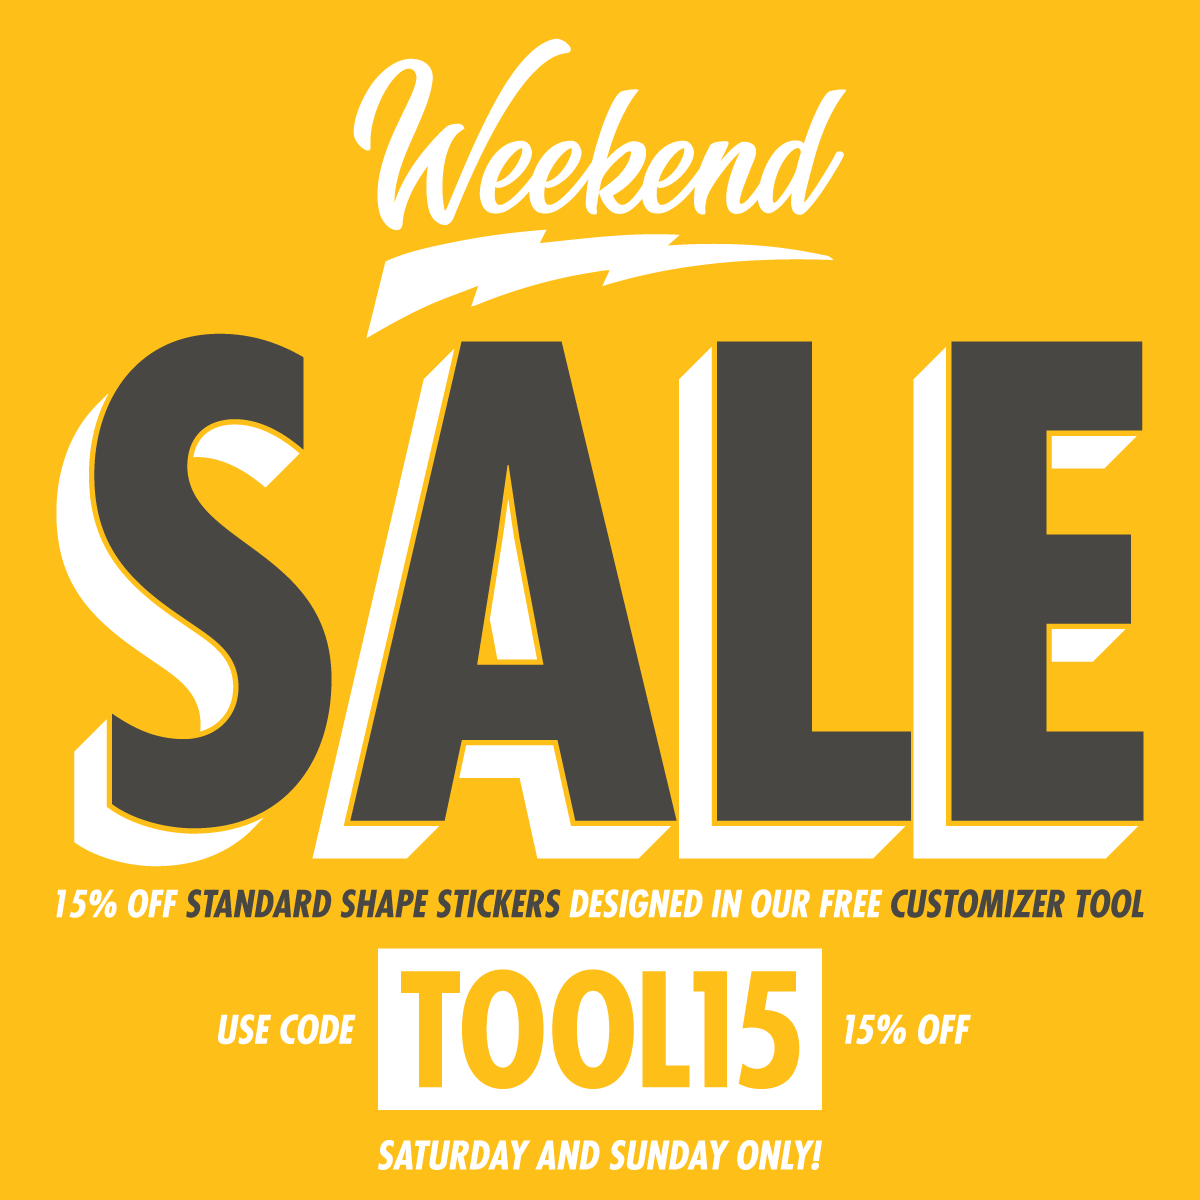 Weekend Sale 15% Off Standard Shape Stickers